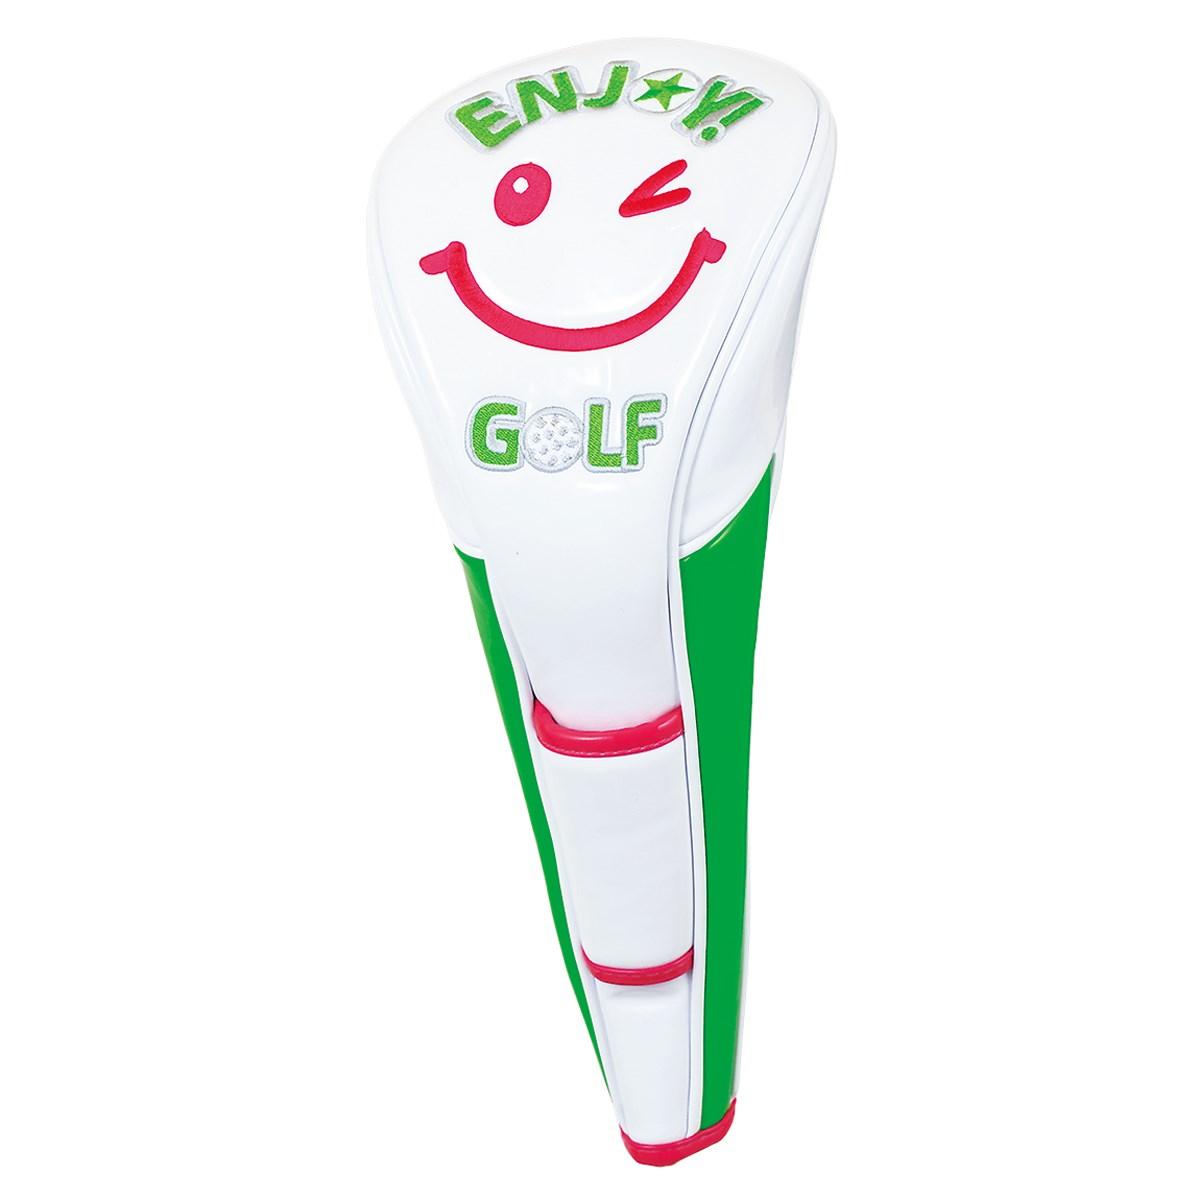 [アウトレット] [在庫限りのお買い得商品] WINWIN STYLE ENJOY GOLF ヘッドカバー DR用 ホワイト ゴルフ